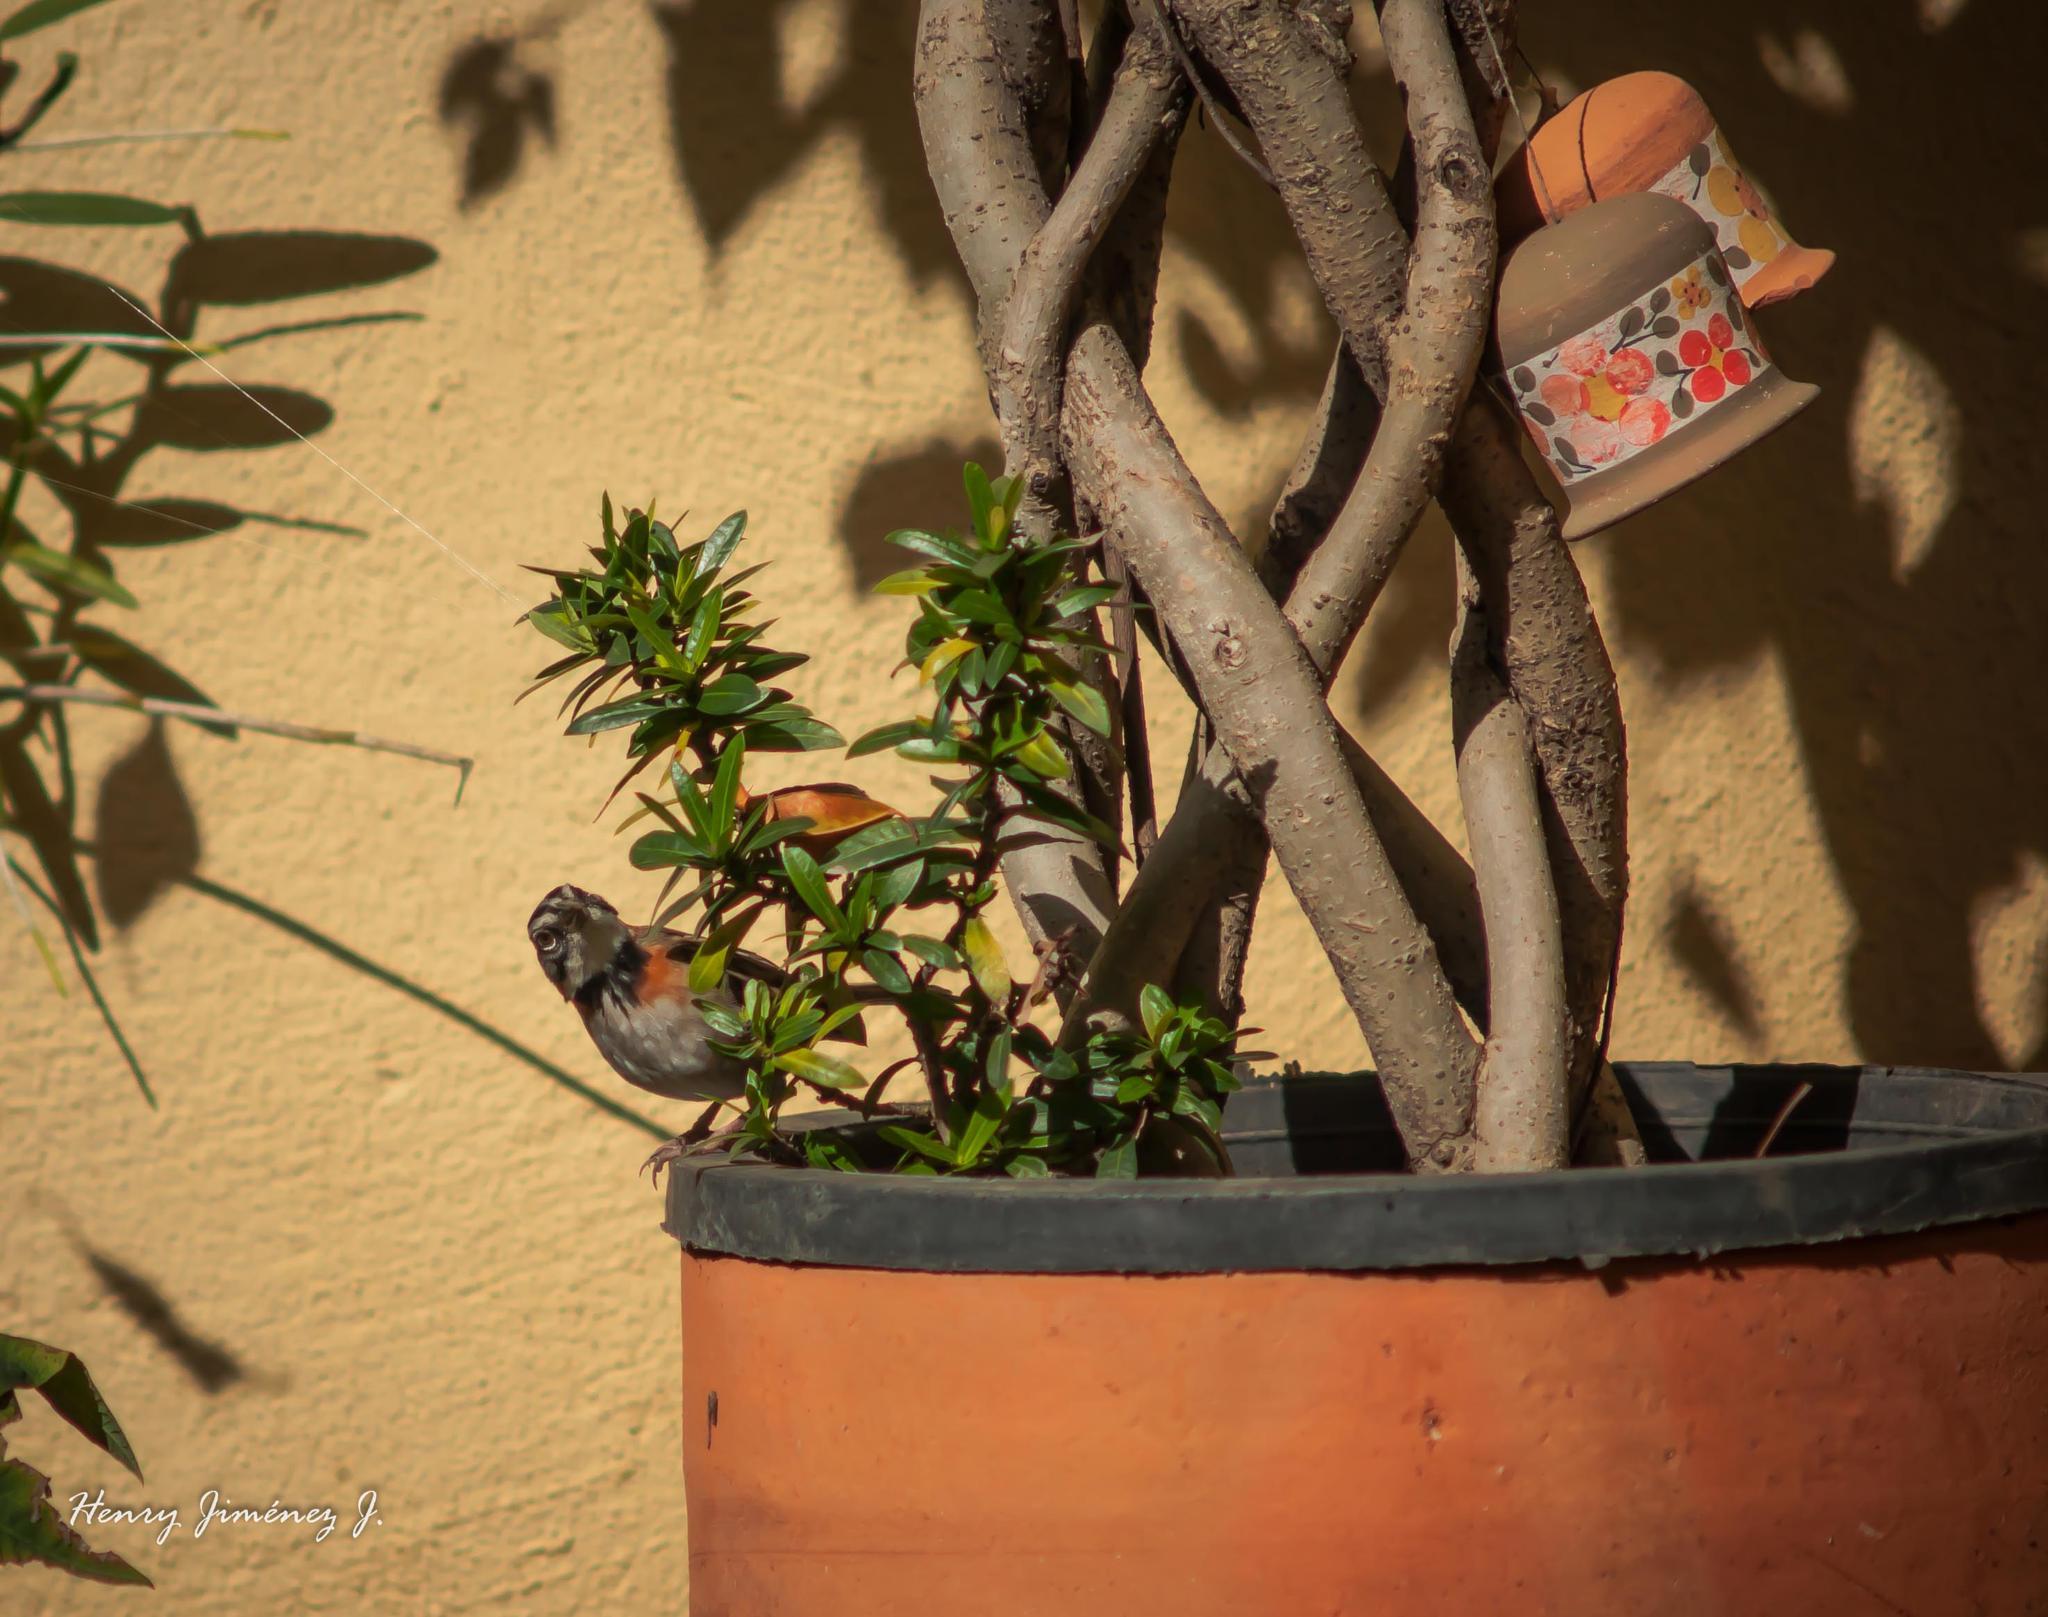 De aves: El come maíz by Henry Jiménez J